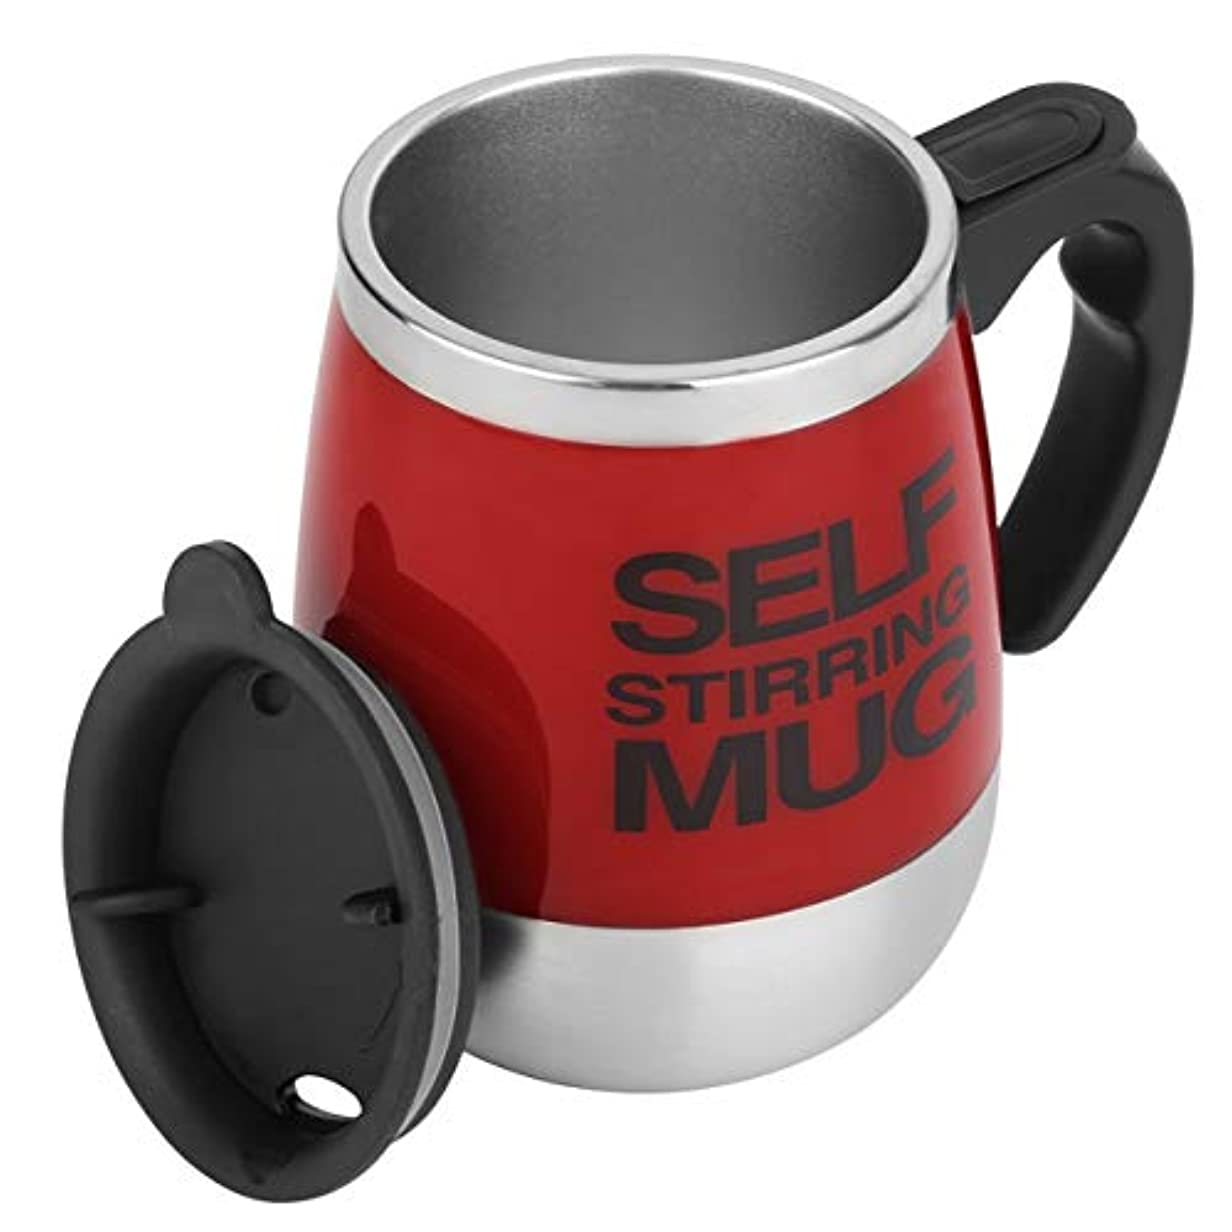 徒歩でフクロウ疑問を超えてSaikogoods 450ミリリットル ステンレス鋼 自己攪拌マグカップ 自動ミキシング ティーコーヒーカップ 自動 電気コーヒーカップを飲みます 赤